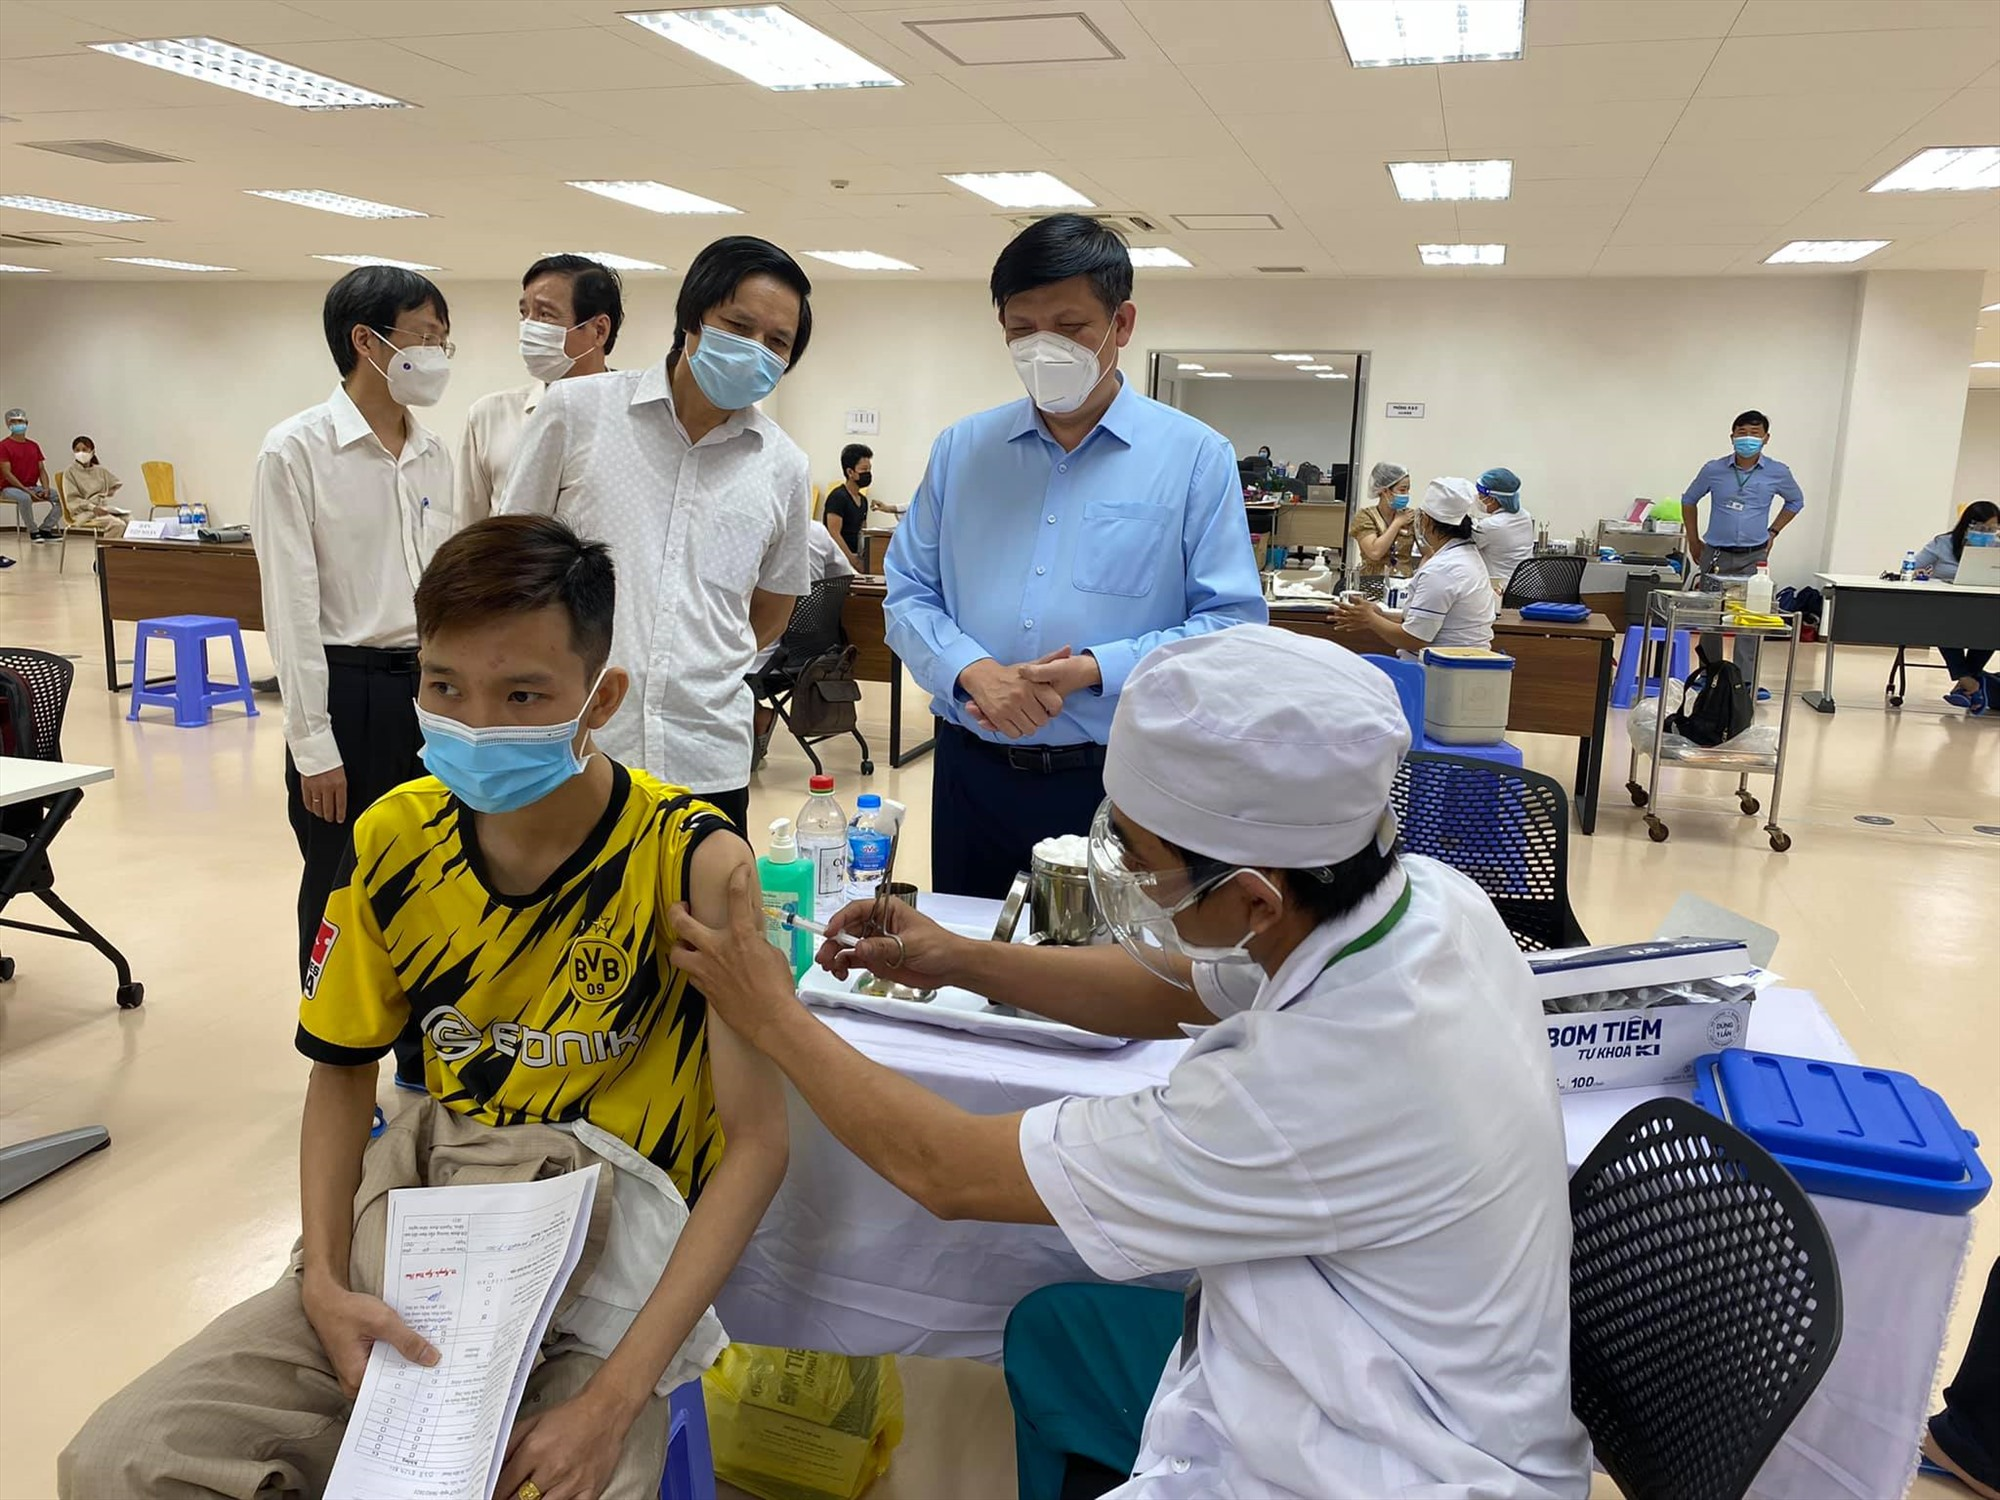 Bộ trưởng Bộ Y tế Nguyễn Thanh Long theo dõi quy trình tiêm vắc xin phòng Covid-19. Ảnh: ncov.moh.gov.vn